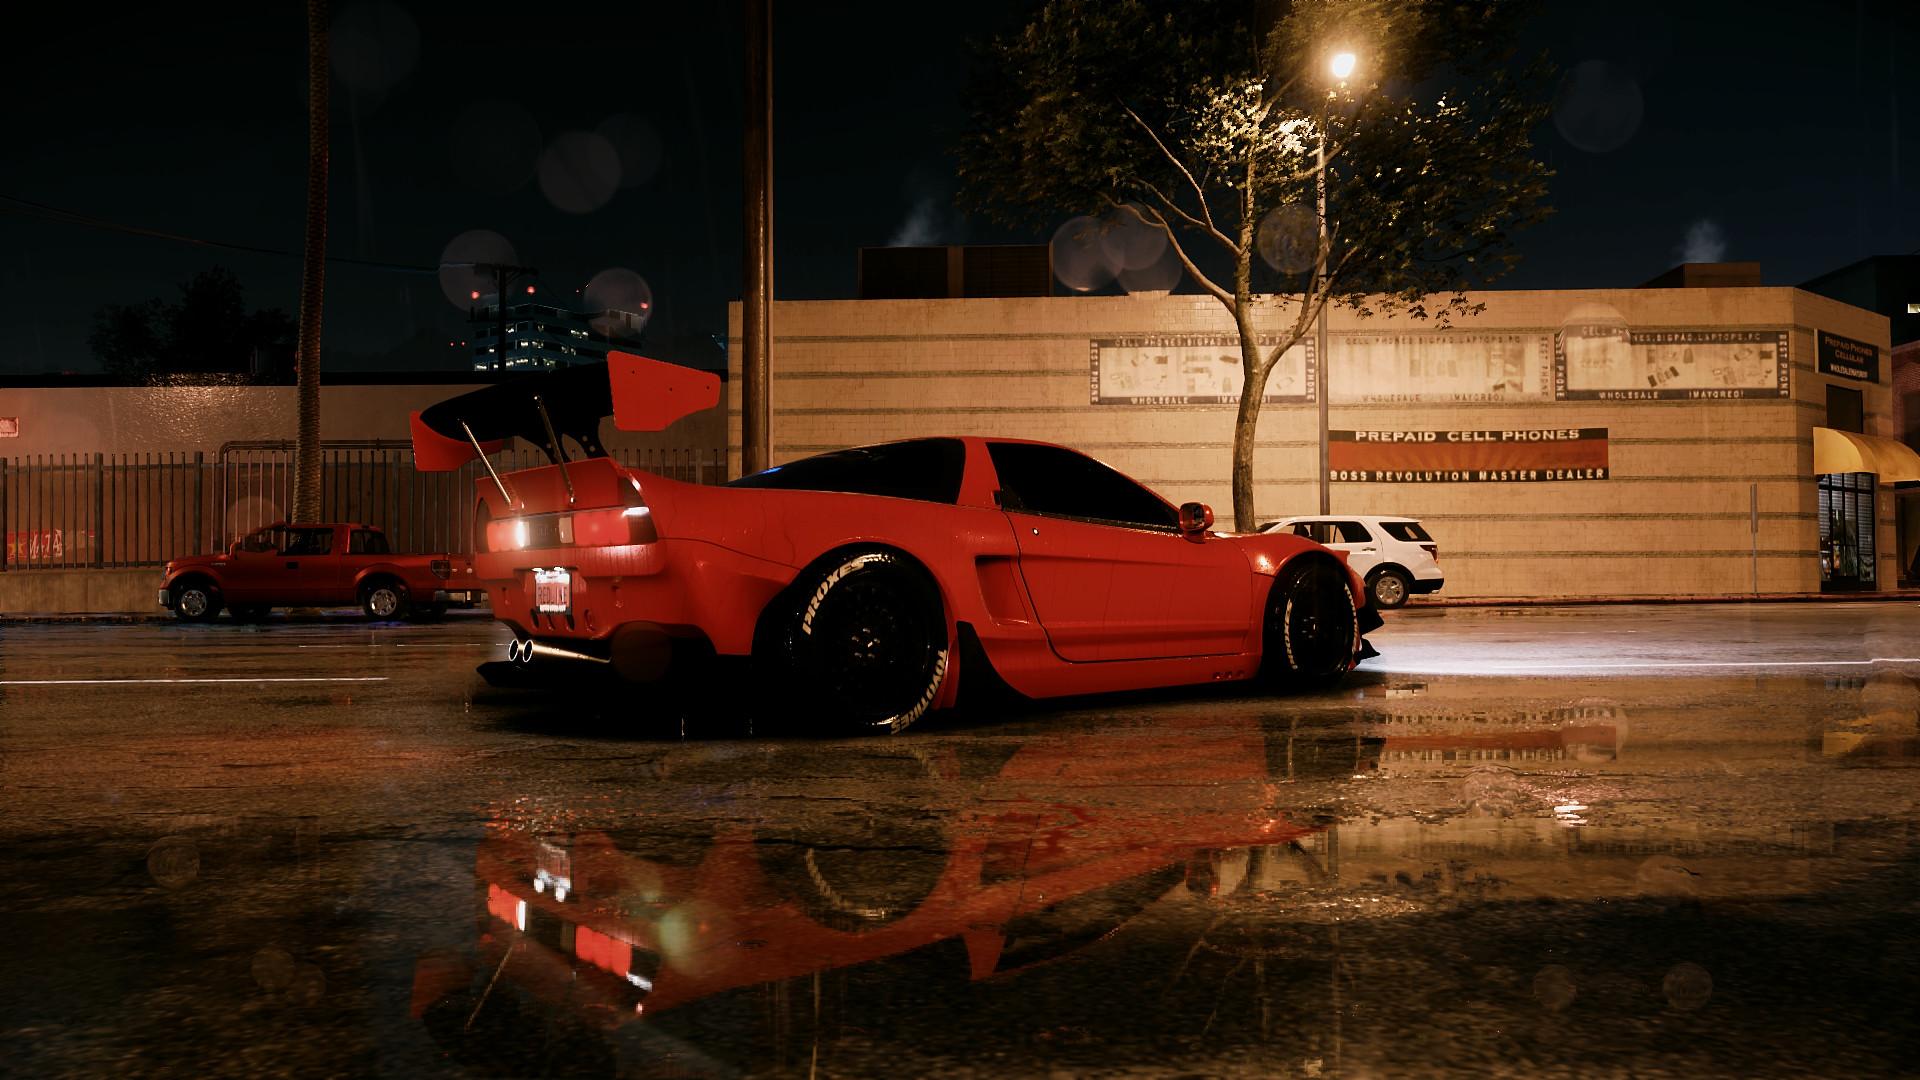 Arcade Racer (Max Povzhyk) - Honda NSX coated in Tra-Kyoto